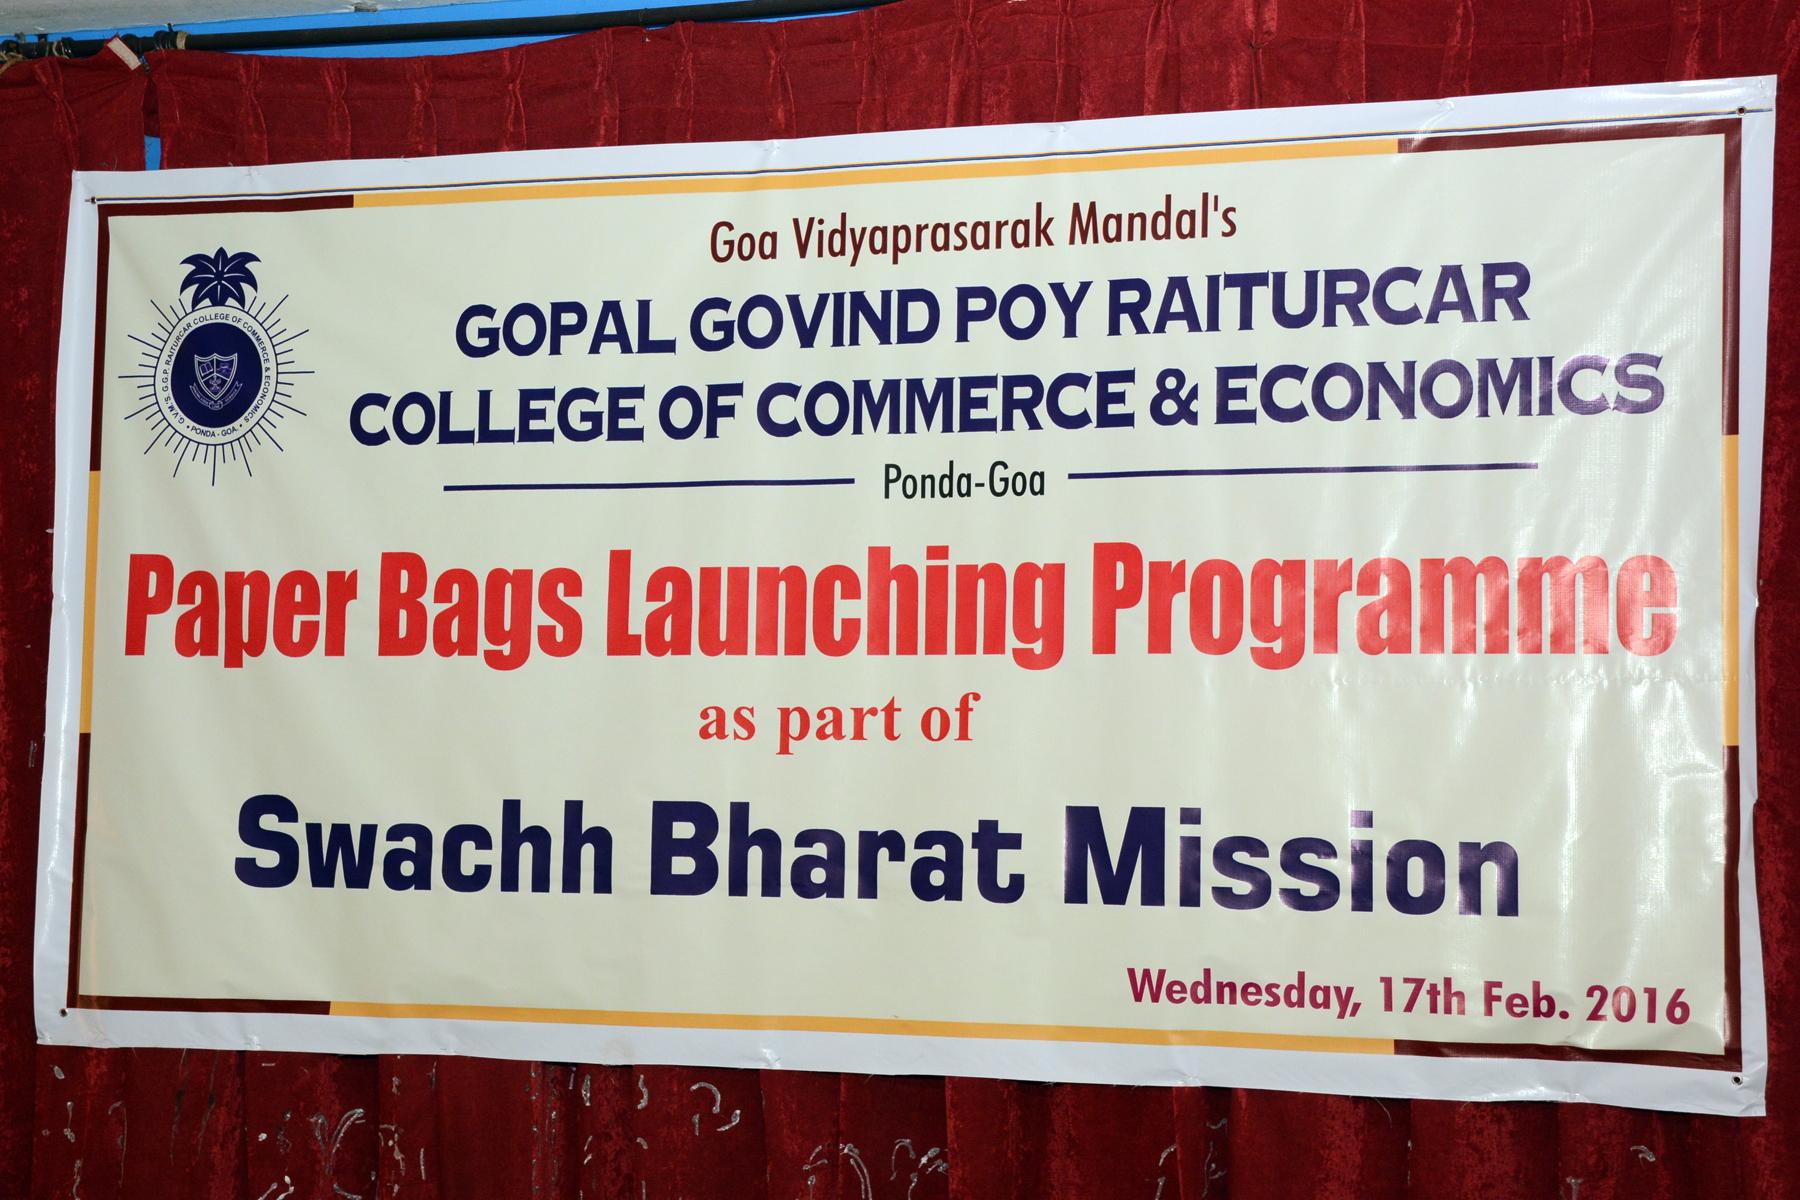 Paper Bag Launching